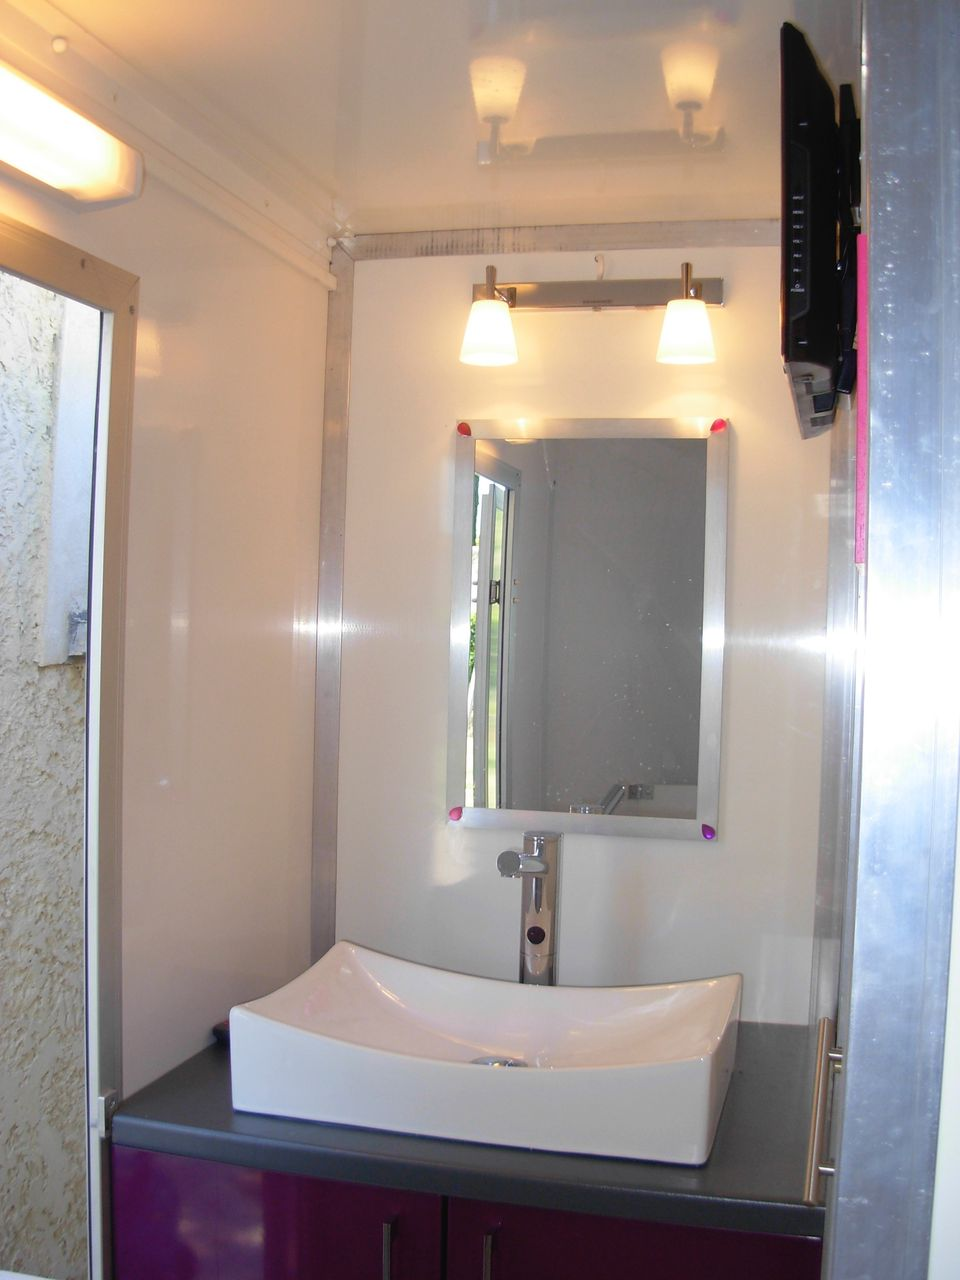 Dscn4410 bio sanitaire location - Wc chimique caravane ...